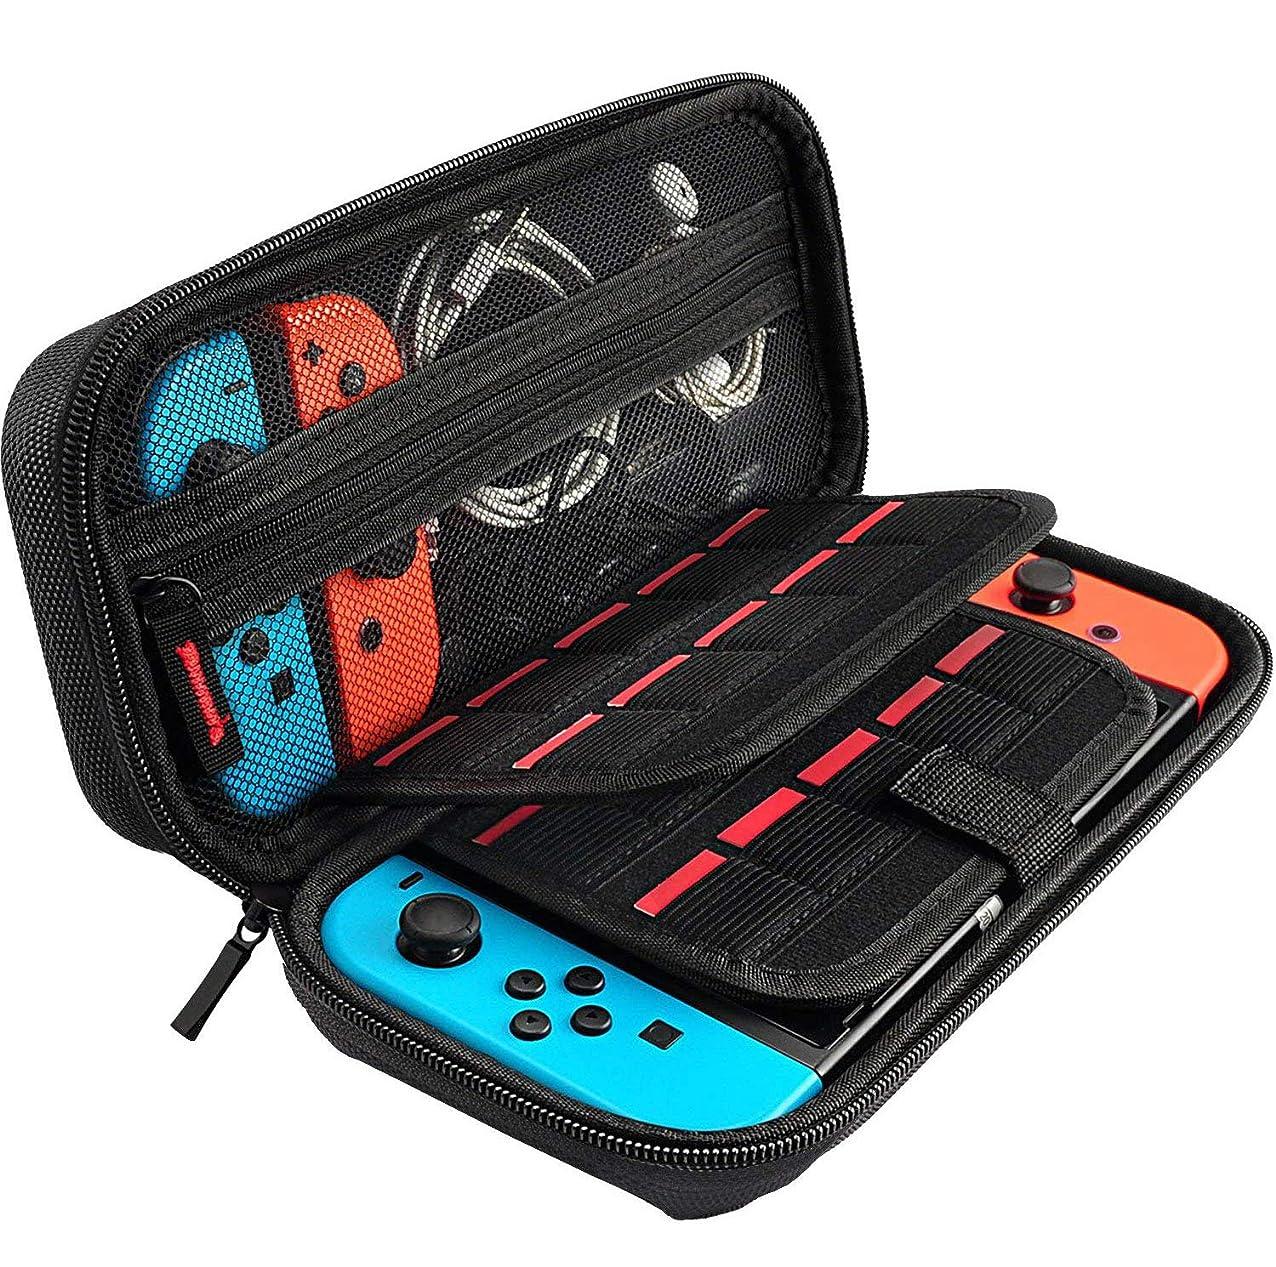 肉屋液体シンクスイッチケース 任天堂スイッチ専用の便利収納バッグ、Nintendo Switch ケース、Switch保護ガラスフィルム付き、20つのゲームカードを収納でき、スペアのJoy Con及び他の部品、柔らかいナイロンファスナー及び信頼的ハンドルデザイン、硬い殻の保護,汚染と塵を防止し、防振、衝撃に耐えます